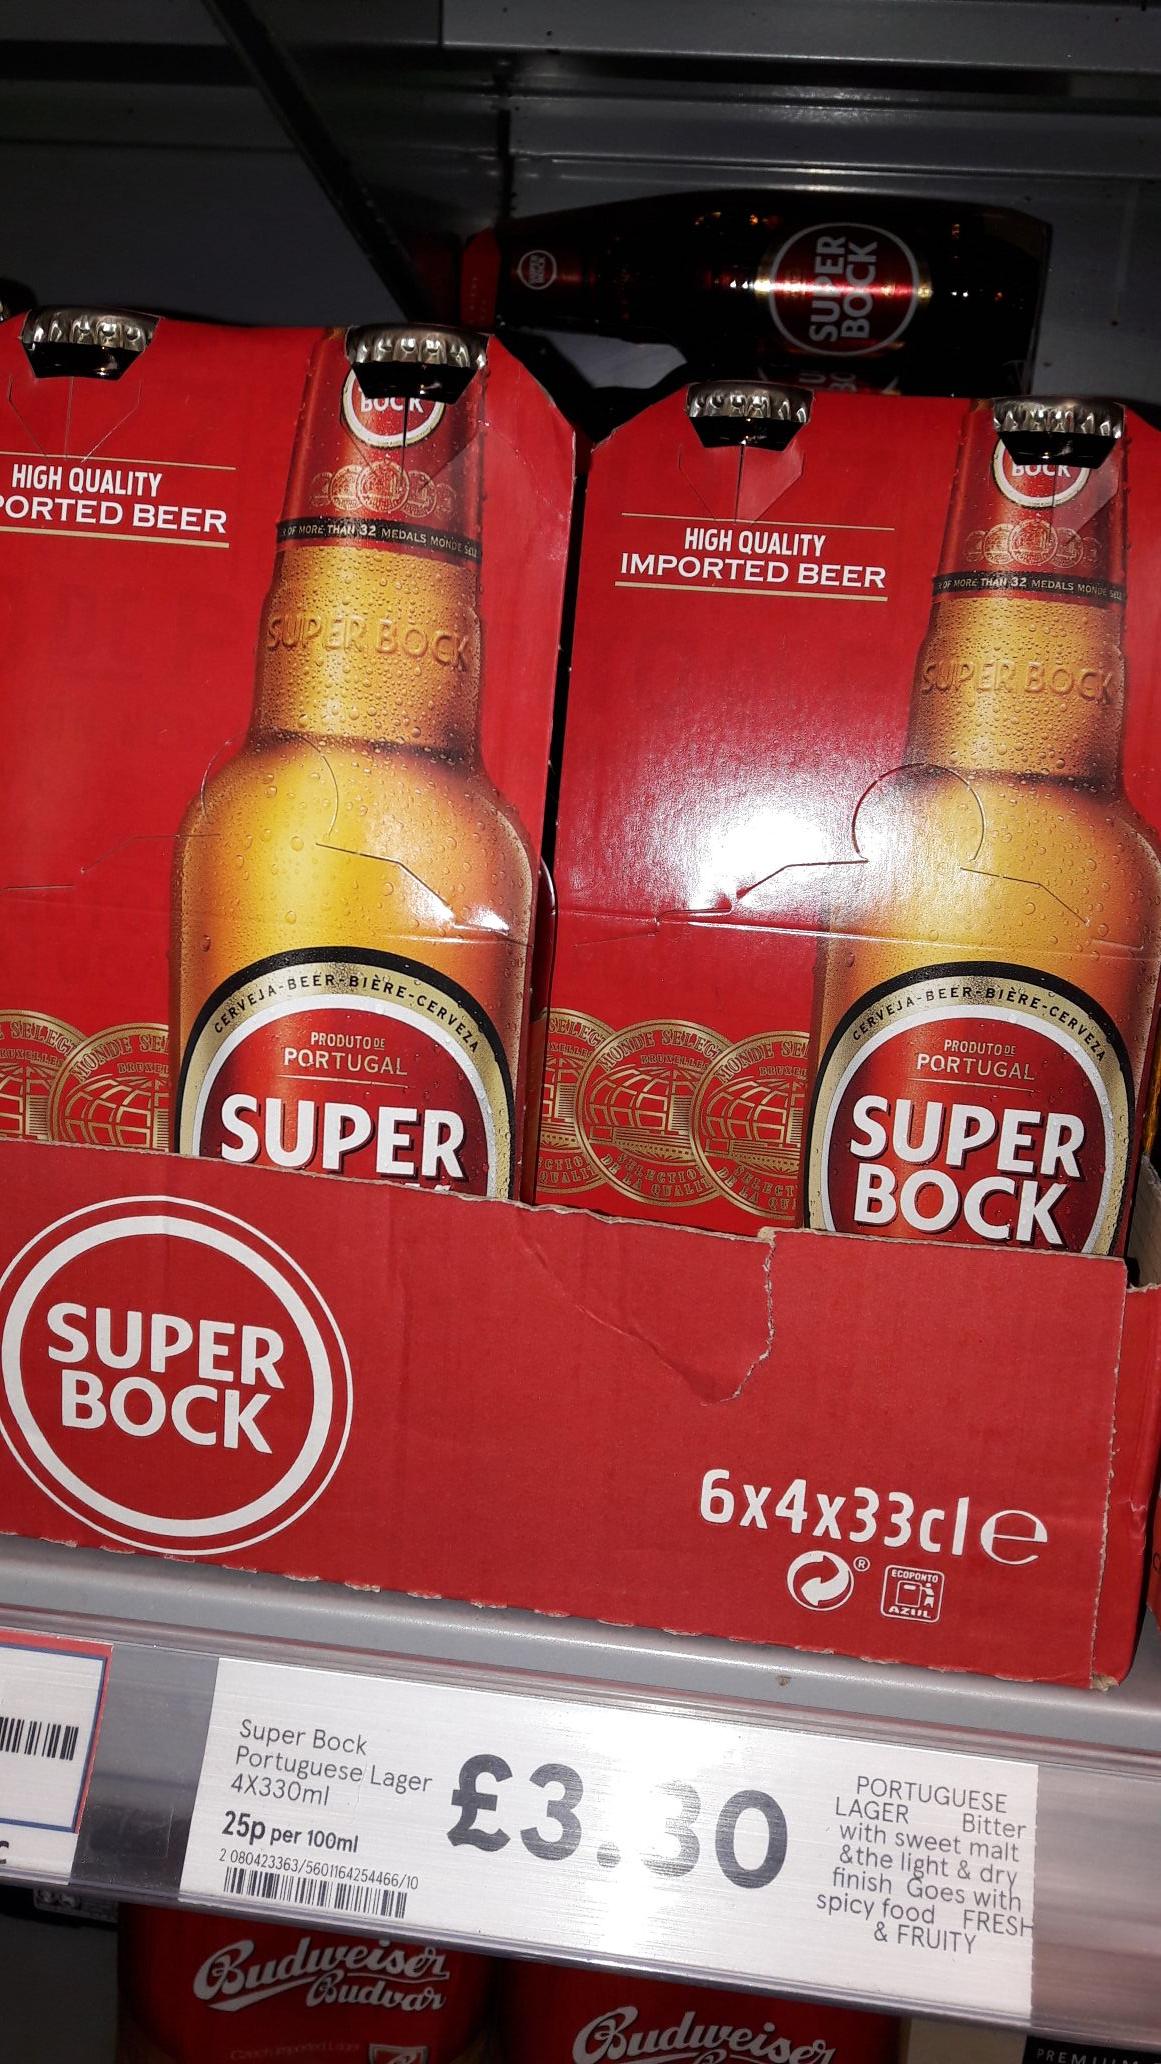 Super Bock Portuguese Lager £3.30 at Tesco